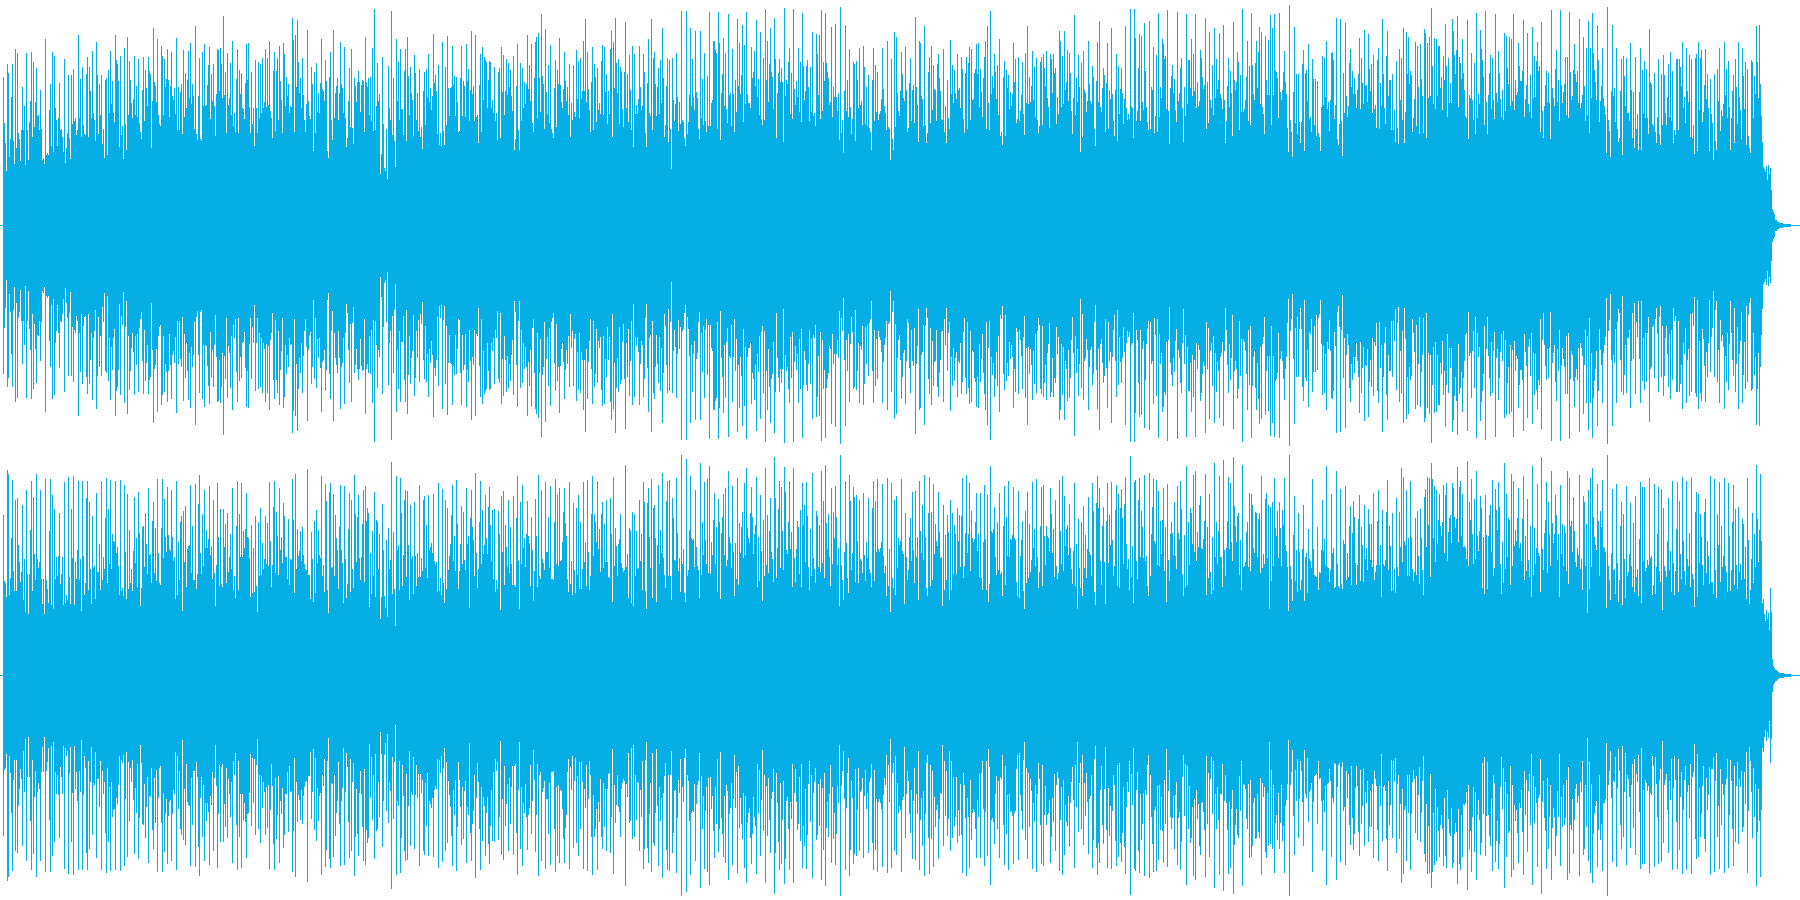 ダークな雰囲気の和風ポップスBGMの再生済みの波形